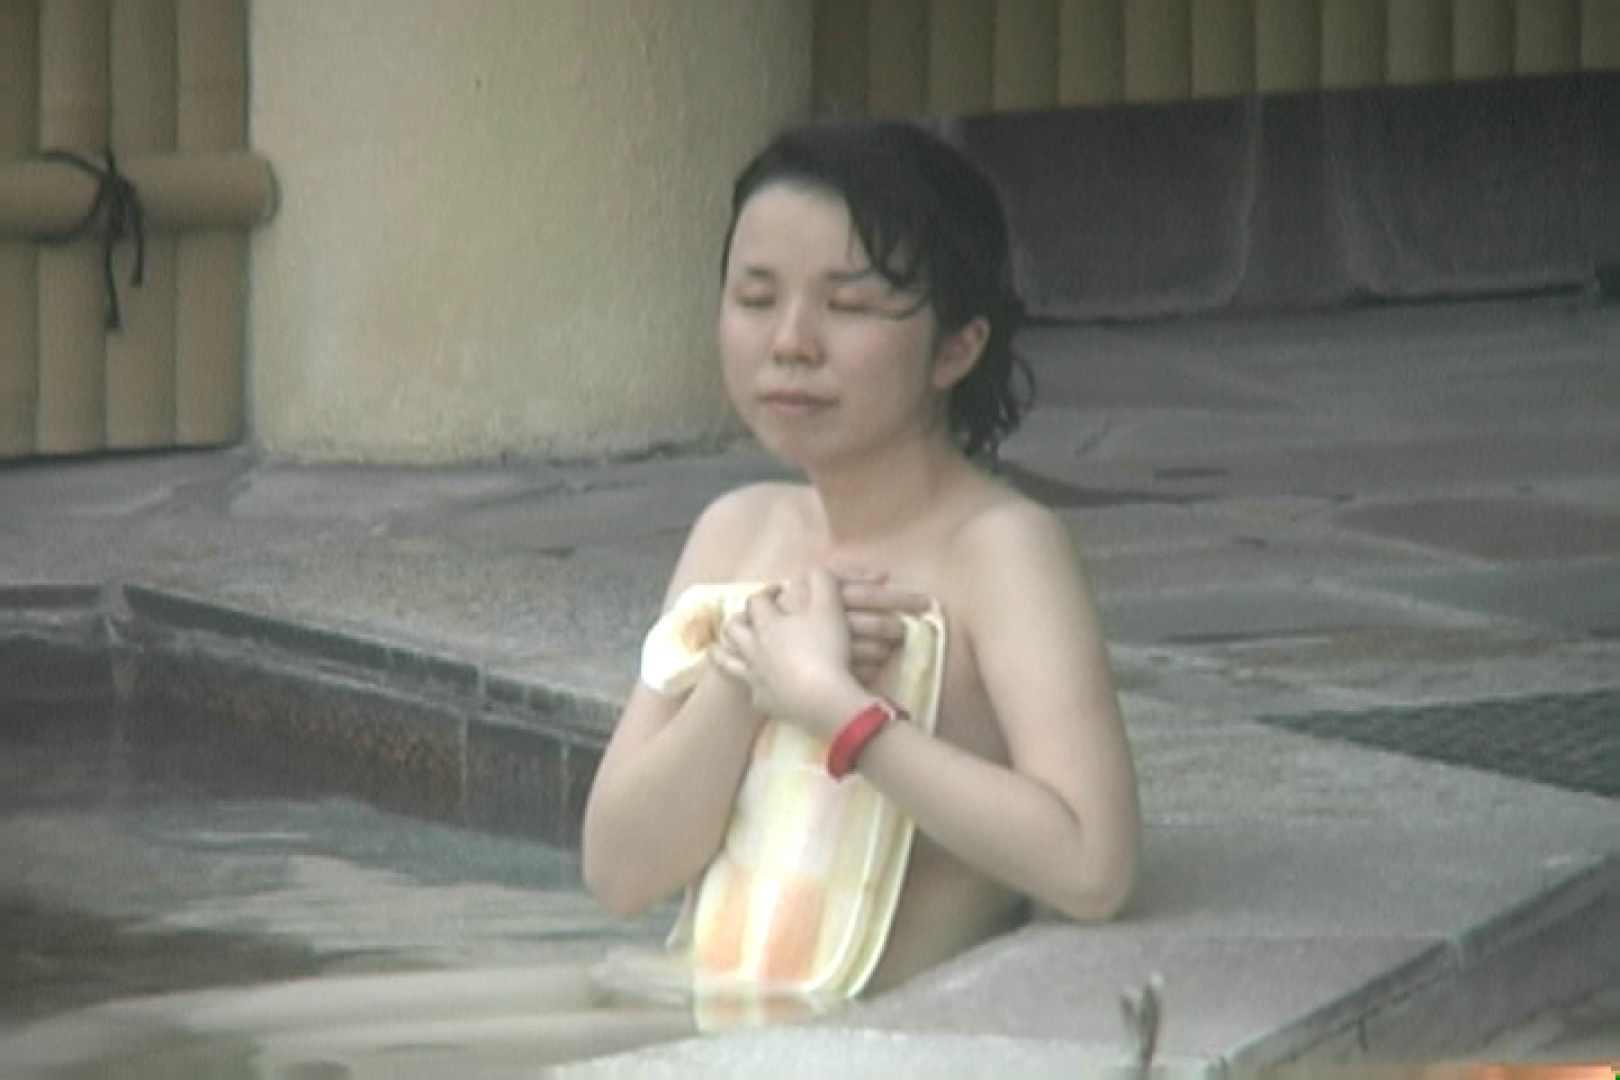 高画質露天女風呂観察 vol.007 OLエロ画像 のぞきおめこ無修正画像 97PICs 86